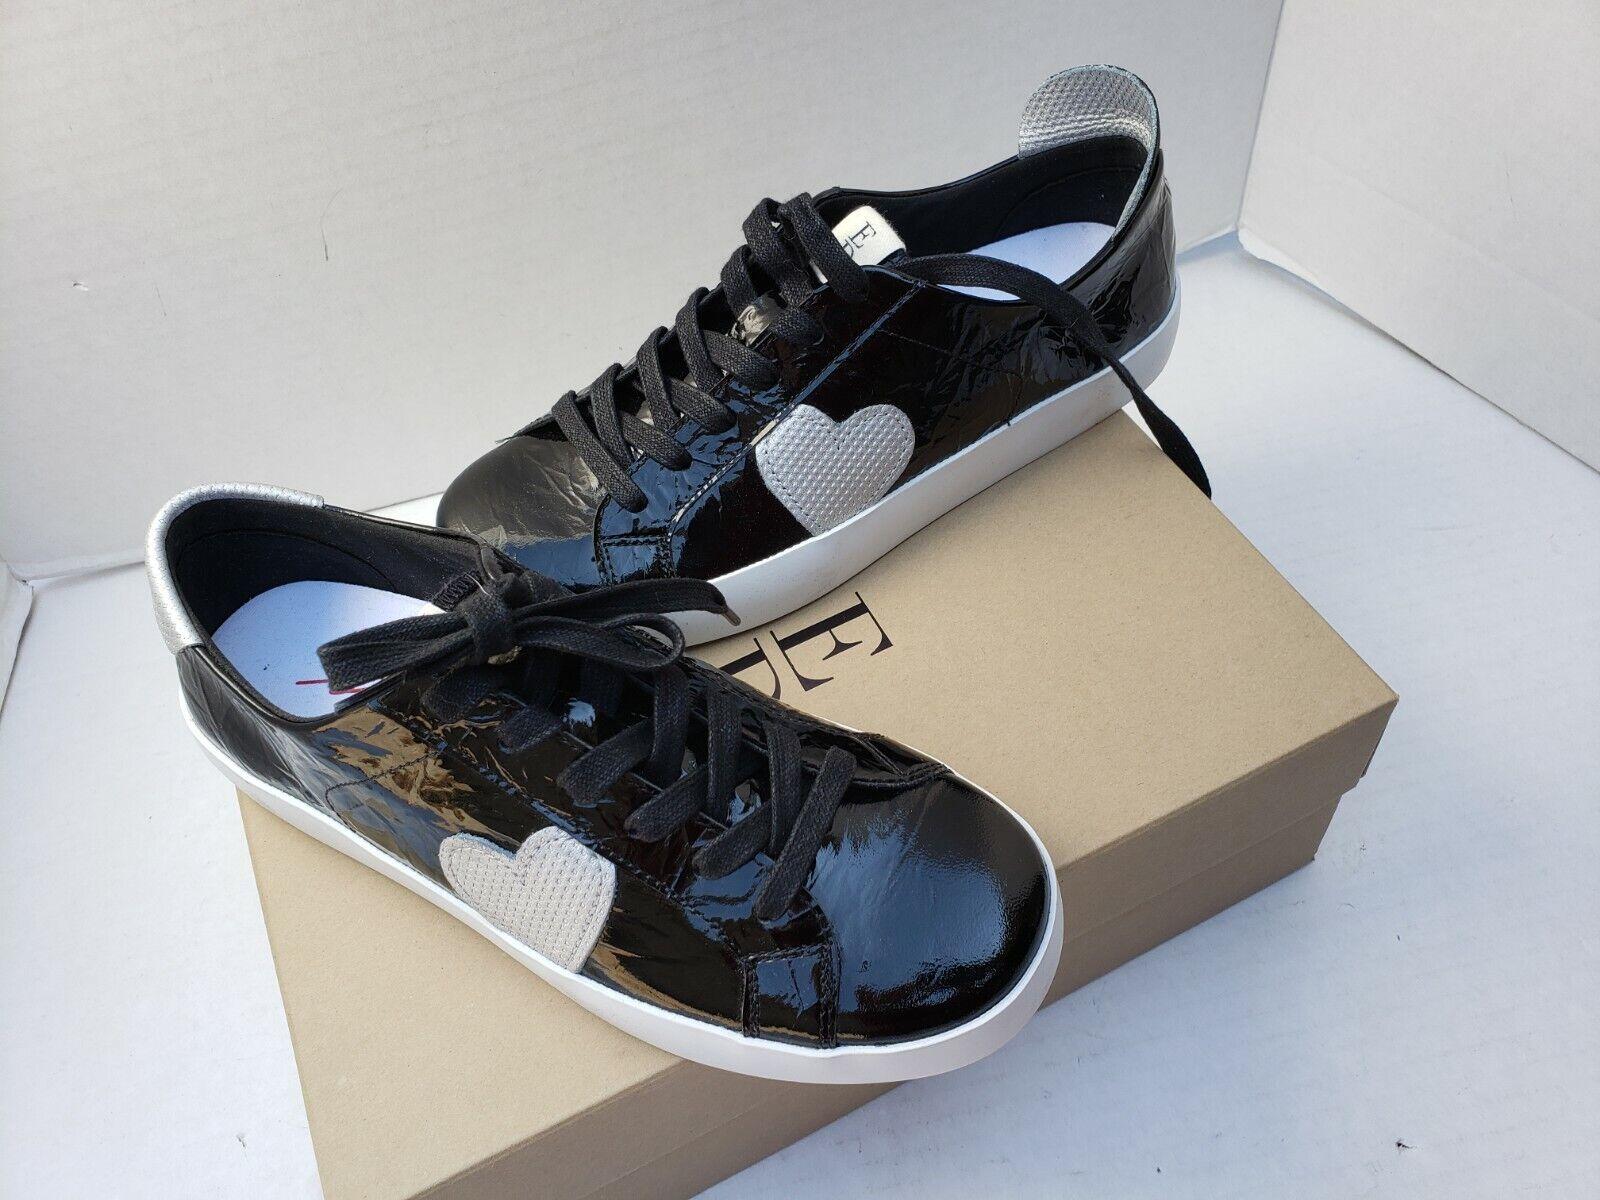 Ellen Degeneres ED scarpe nero Patent GILLEN Leather Lace Up  Heart argento 8.5  trova il tuo preferito qui